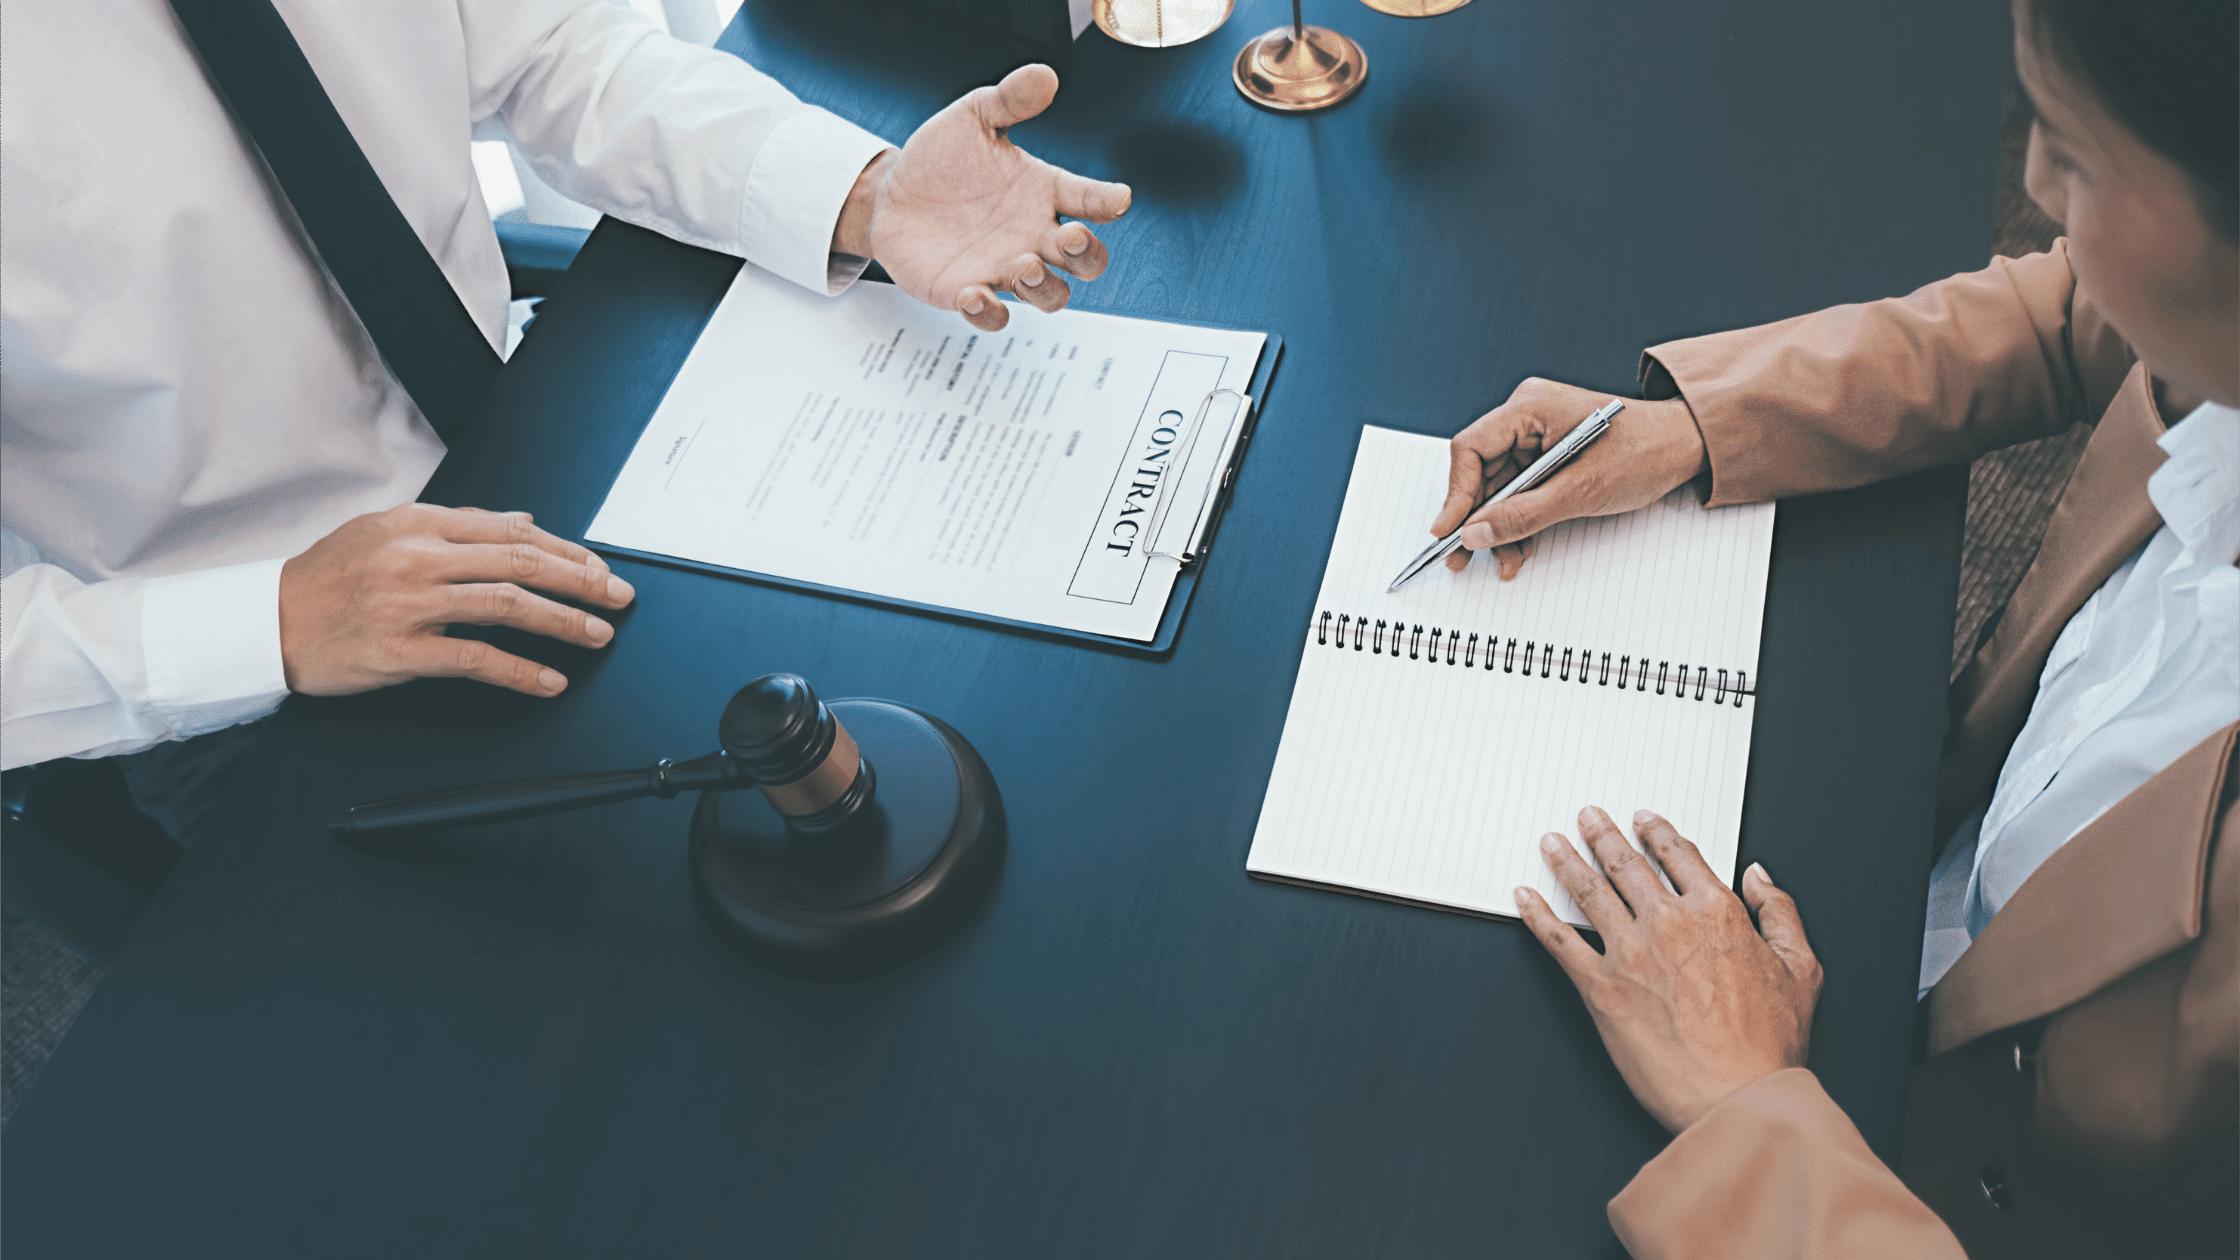 Case Management Conferences